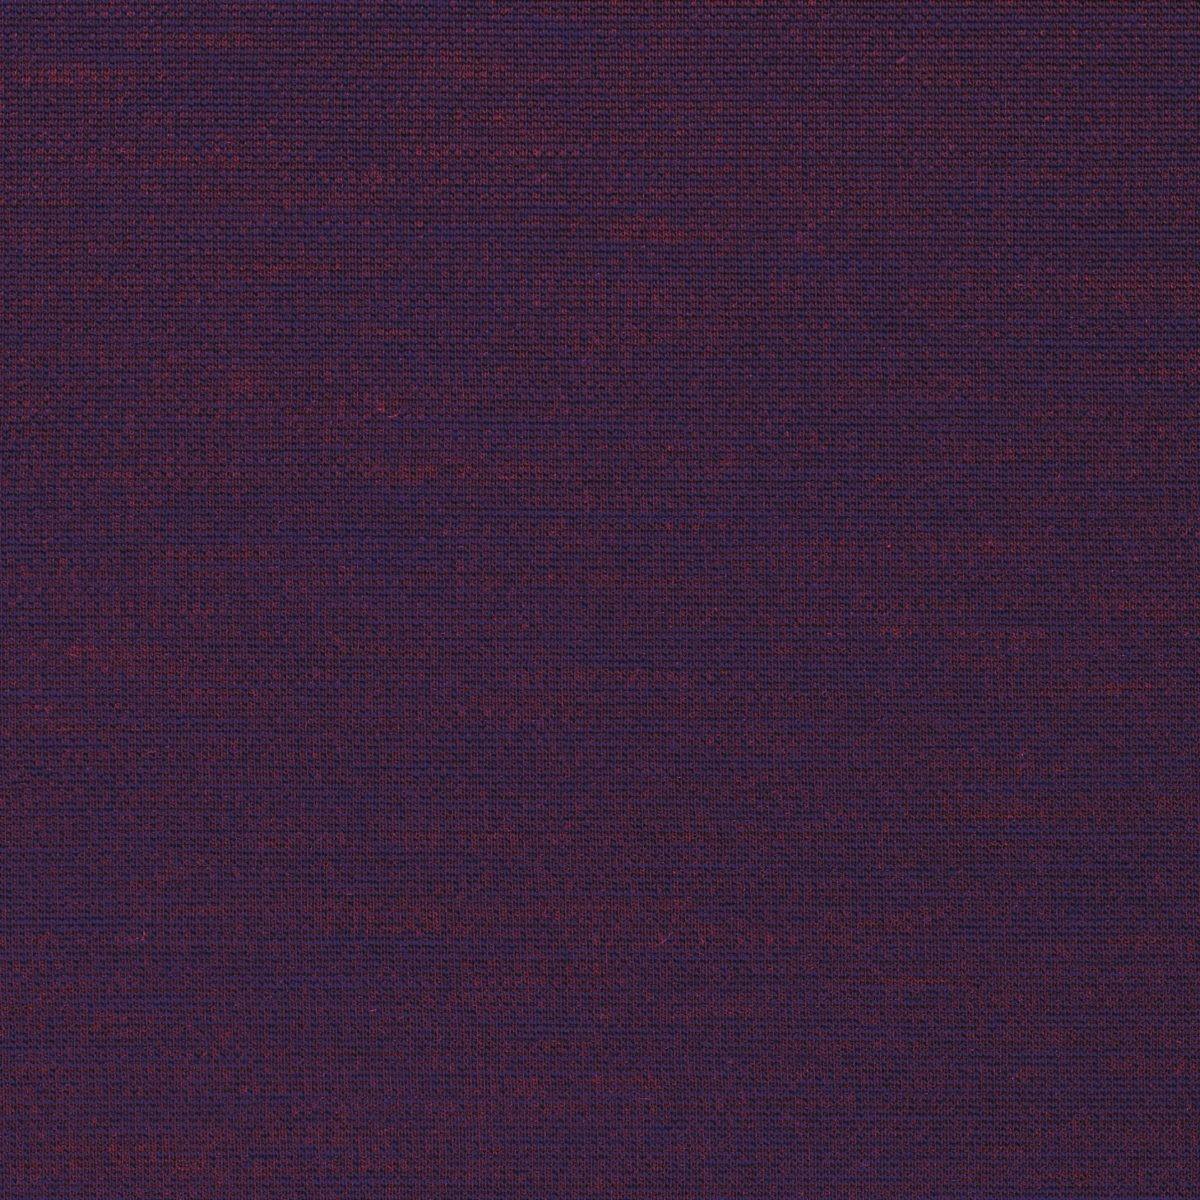 UNIFORM MELANGE BLUEBERRY 13O613